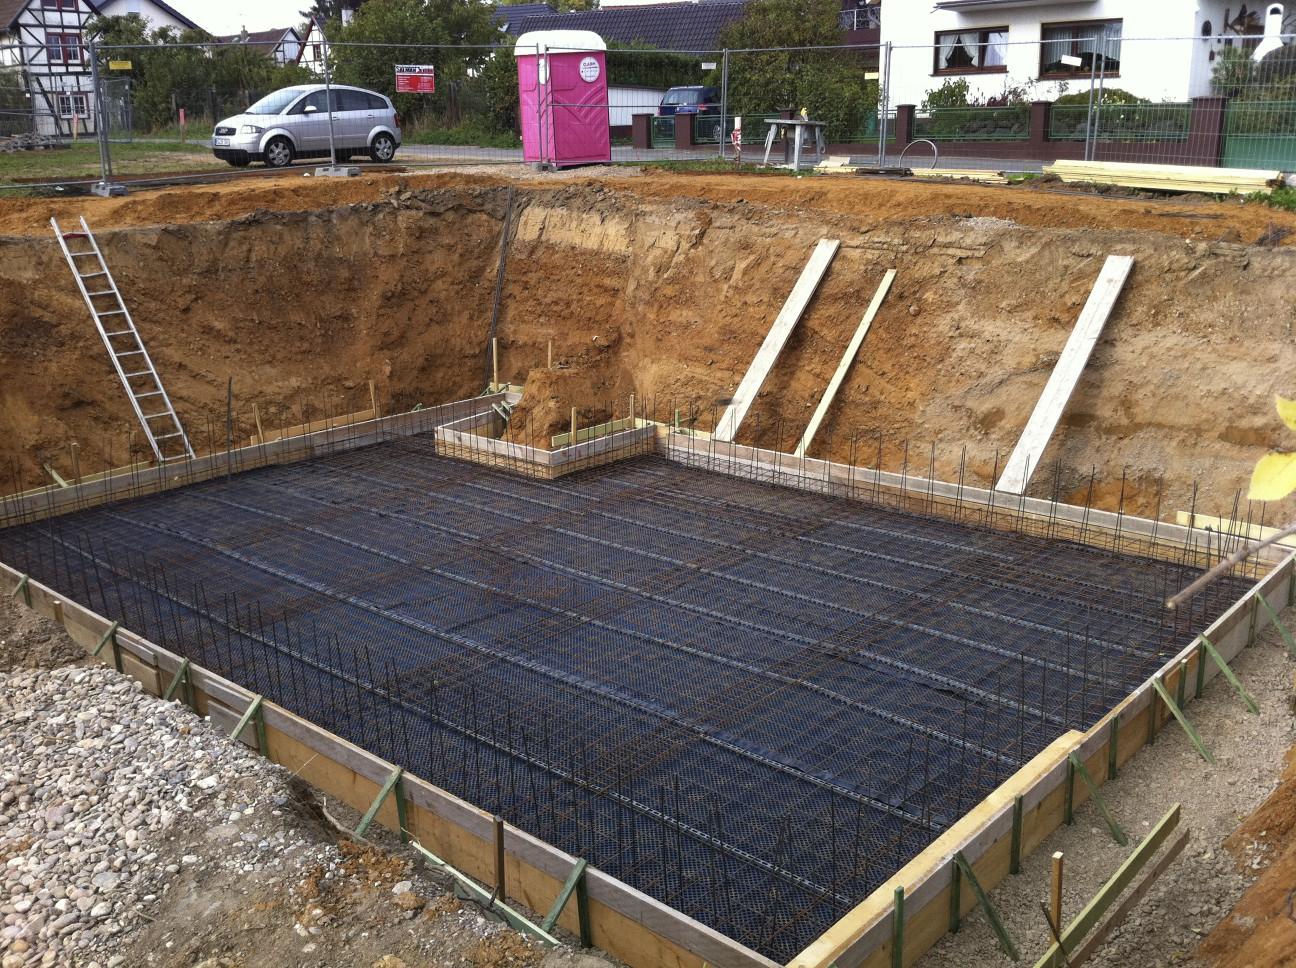 Bekannt Bewehrung für Bodenplatte Kellergeschoss fast fertig – 26.09.2011 HI51